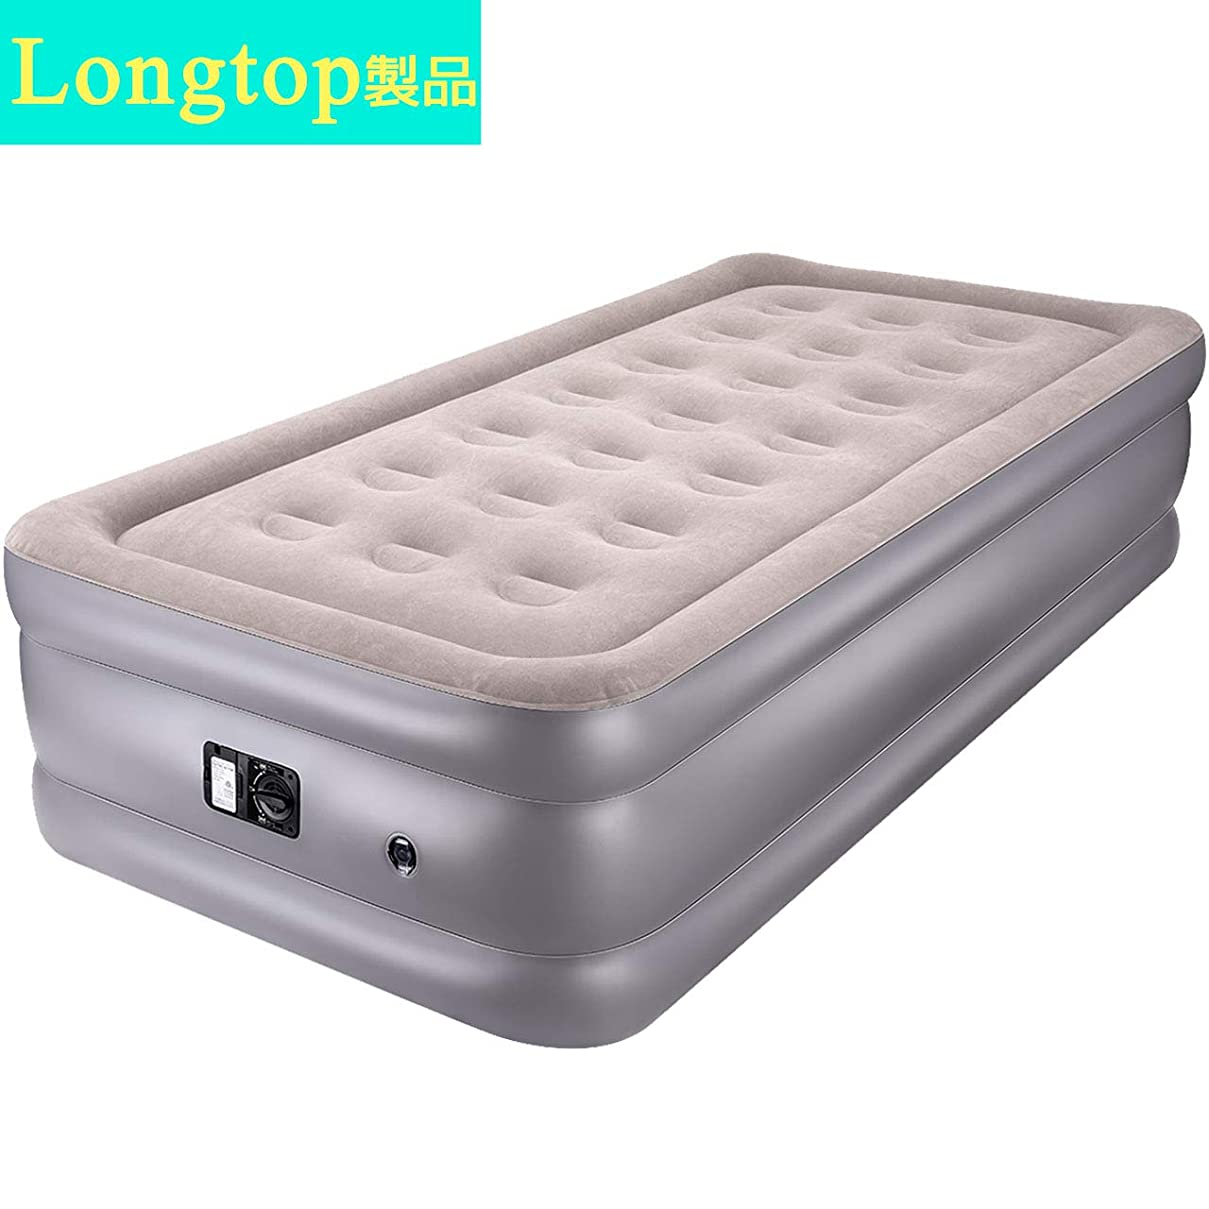 遊具モノグラフ指令エアーベッド シングル 電動ポンプ内蔵 エアーマットレス 空気ベッド キャップ お昼寝 シングルサイズ (203x99x厚さ46cm) Longtop 12ヶ月安心保障